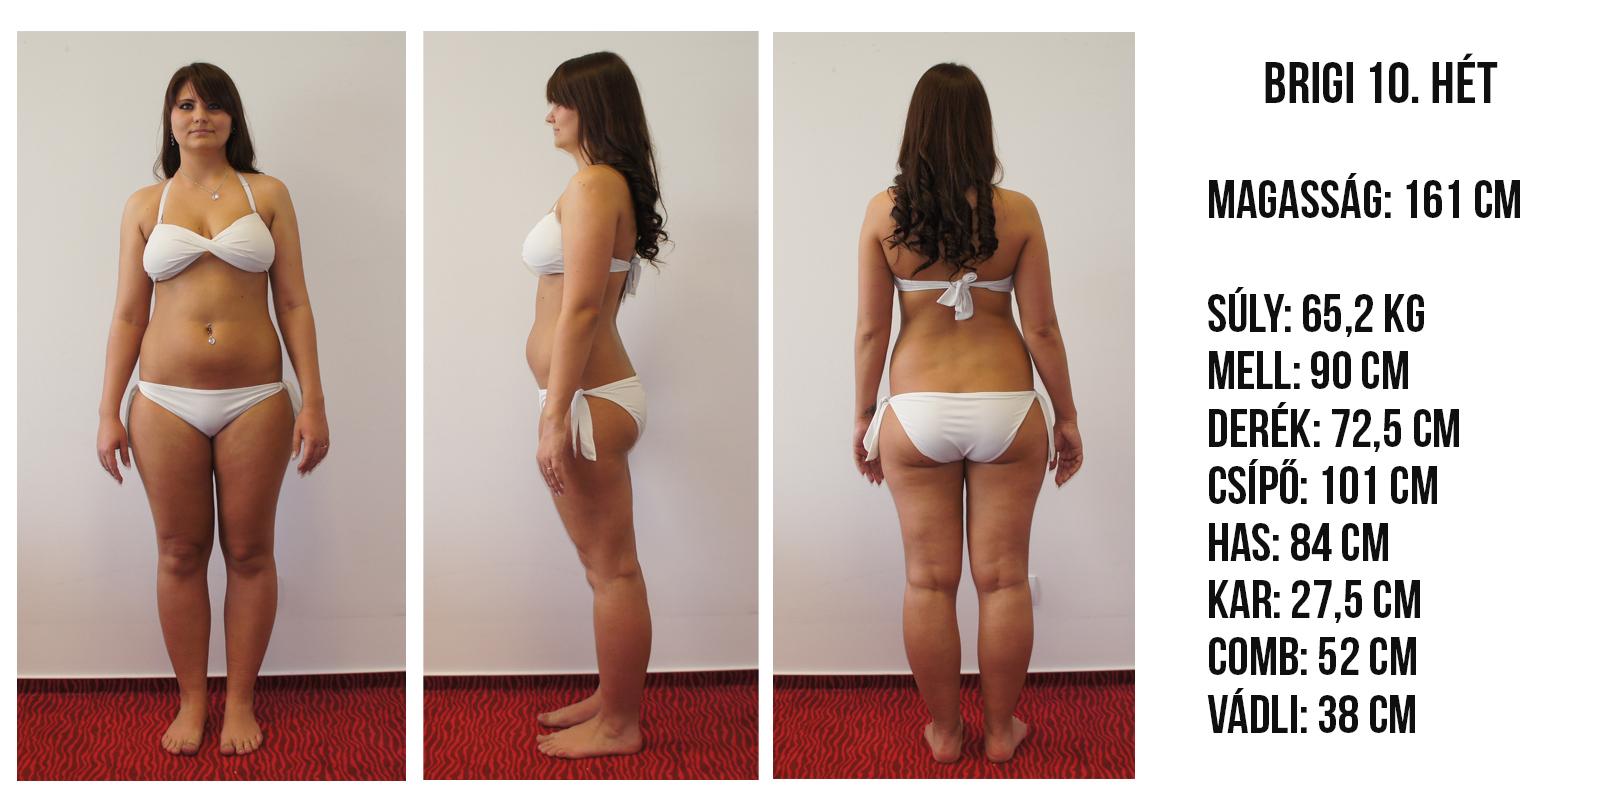 Így segítettem anyukámnak több kilótól megszabadulni! Avagy sikeres fogyás 50 felett! | Peak girl